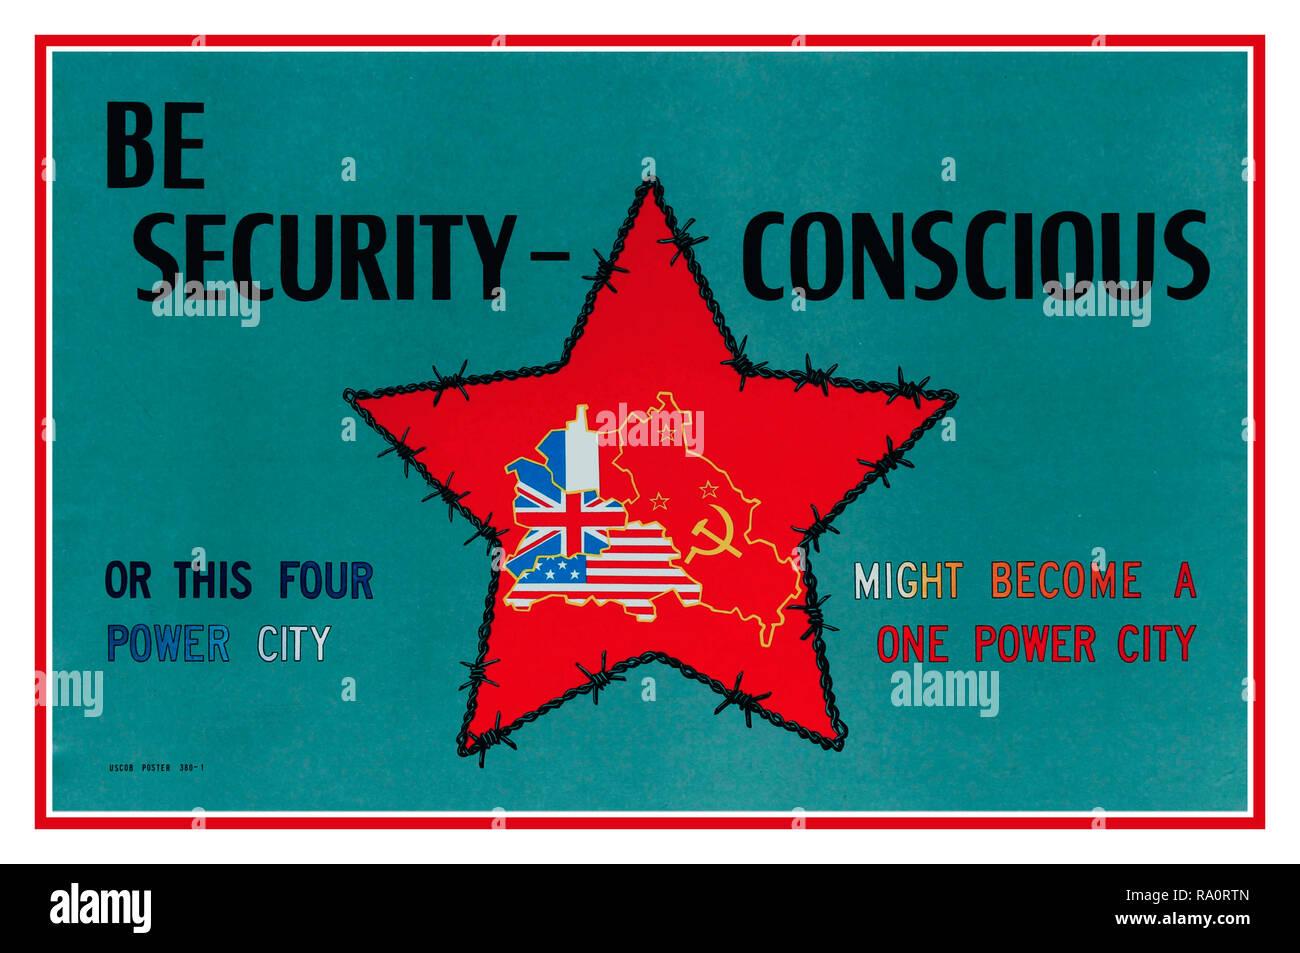 """Vintage Post-WW2 cartel propagandístico """"Ser conscientes de la seguridad"""" o """"esta ciudad cuatro potencias podría convertirse en una fuente de ciudad' emitidos por el Mando Militar estadounidense en Berlín para recordar a las potencias occidentales a ser conscientes de la seguridad para evitar convertirse en una ciudad soviética de Berlín. Con el mapa de Berlin con banderas divide la ciudad entre Francia, el Reino Unido, EE.UU y la URSS dentro de una federación de repúblicas estrella roja protectora con muro de alambre de espino alrededor de la II Guerra Mundial Foto de stock"""